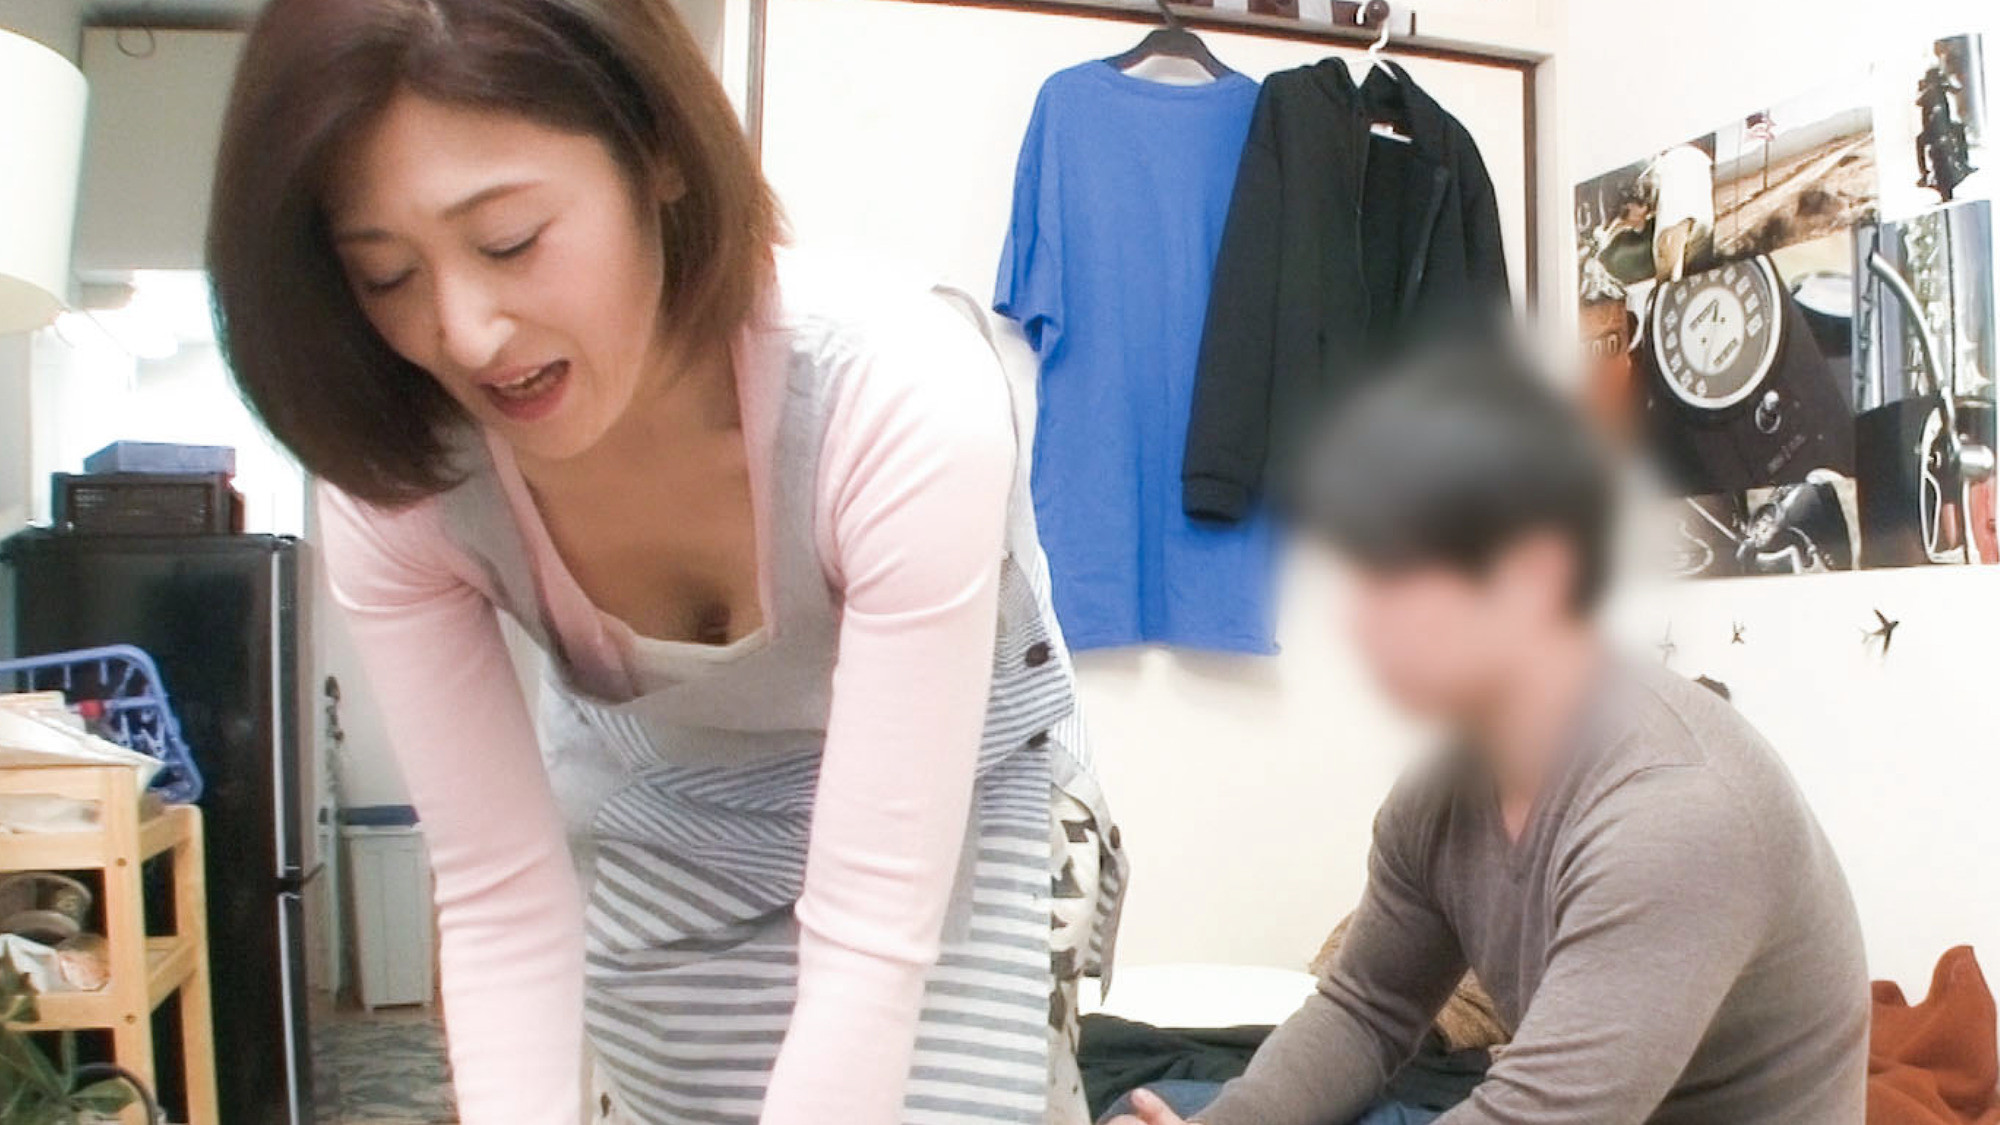 レンタル熟女のお仕事~夫の知らない妻の裏の顔 file NO.83~ 画像1